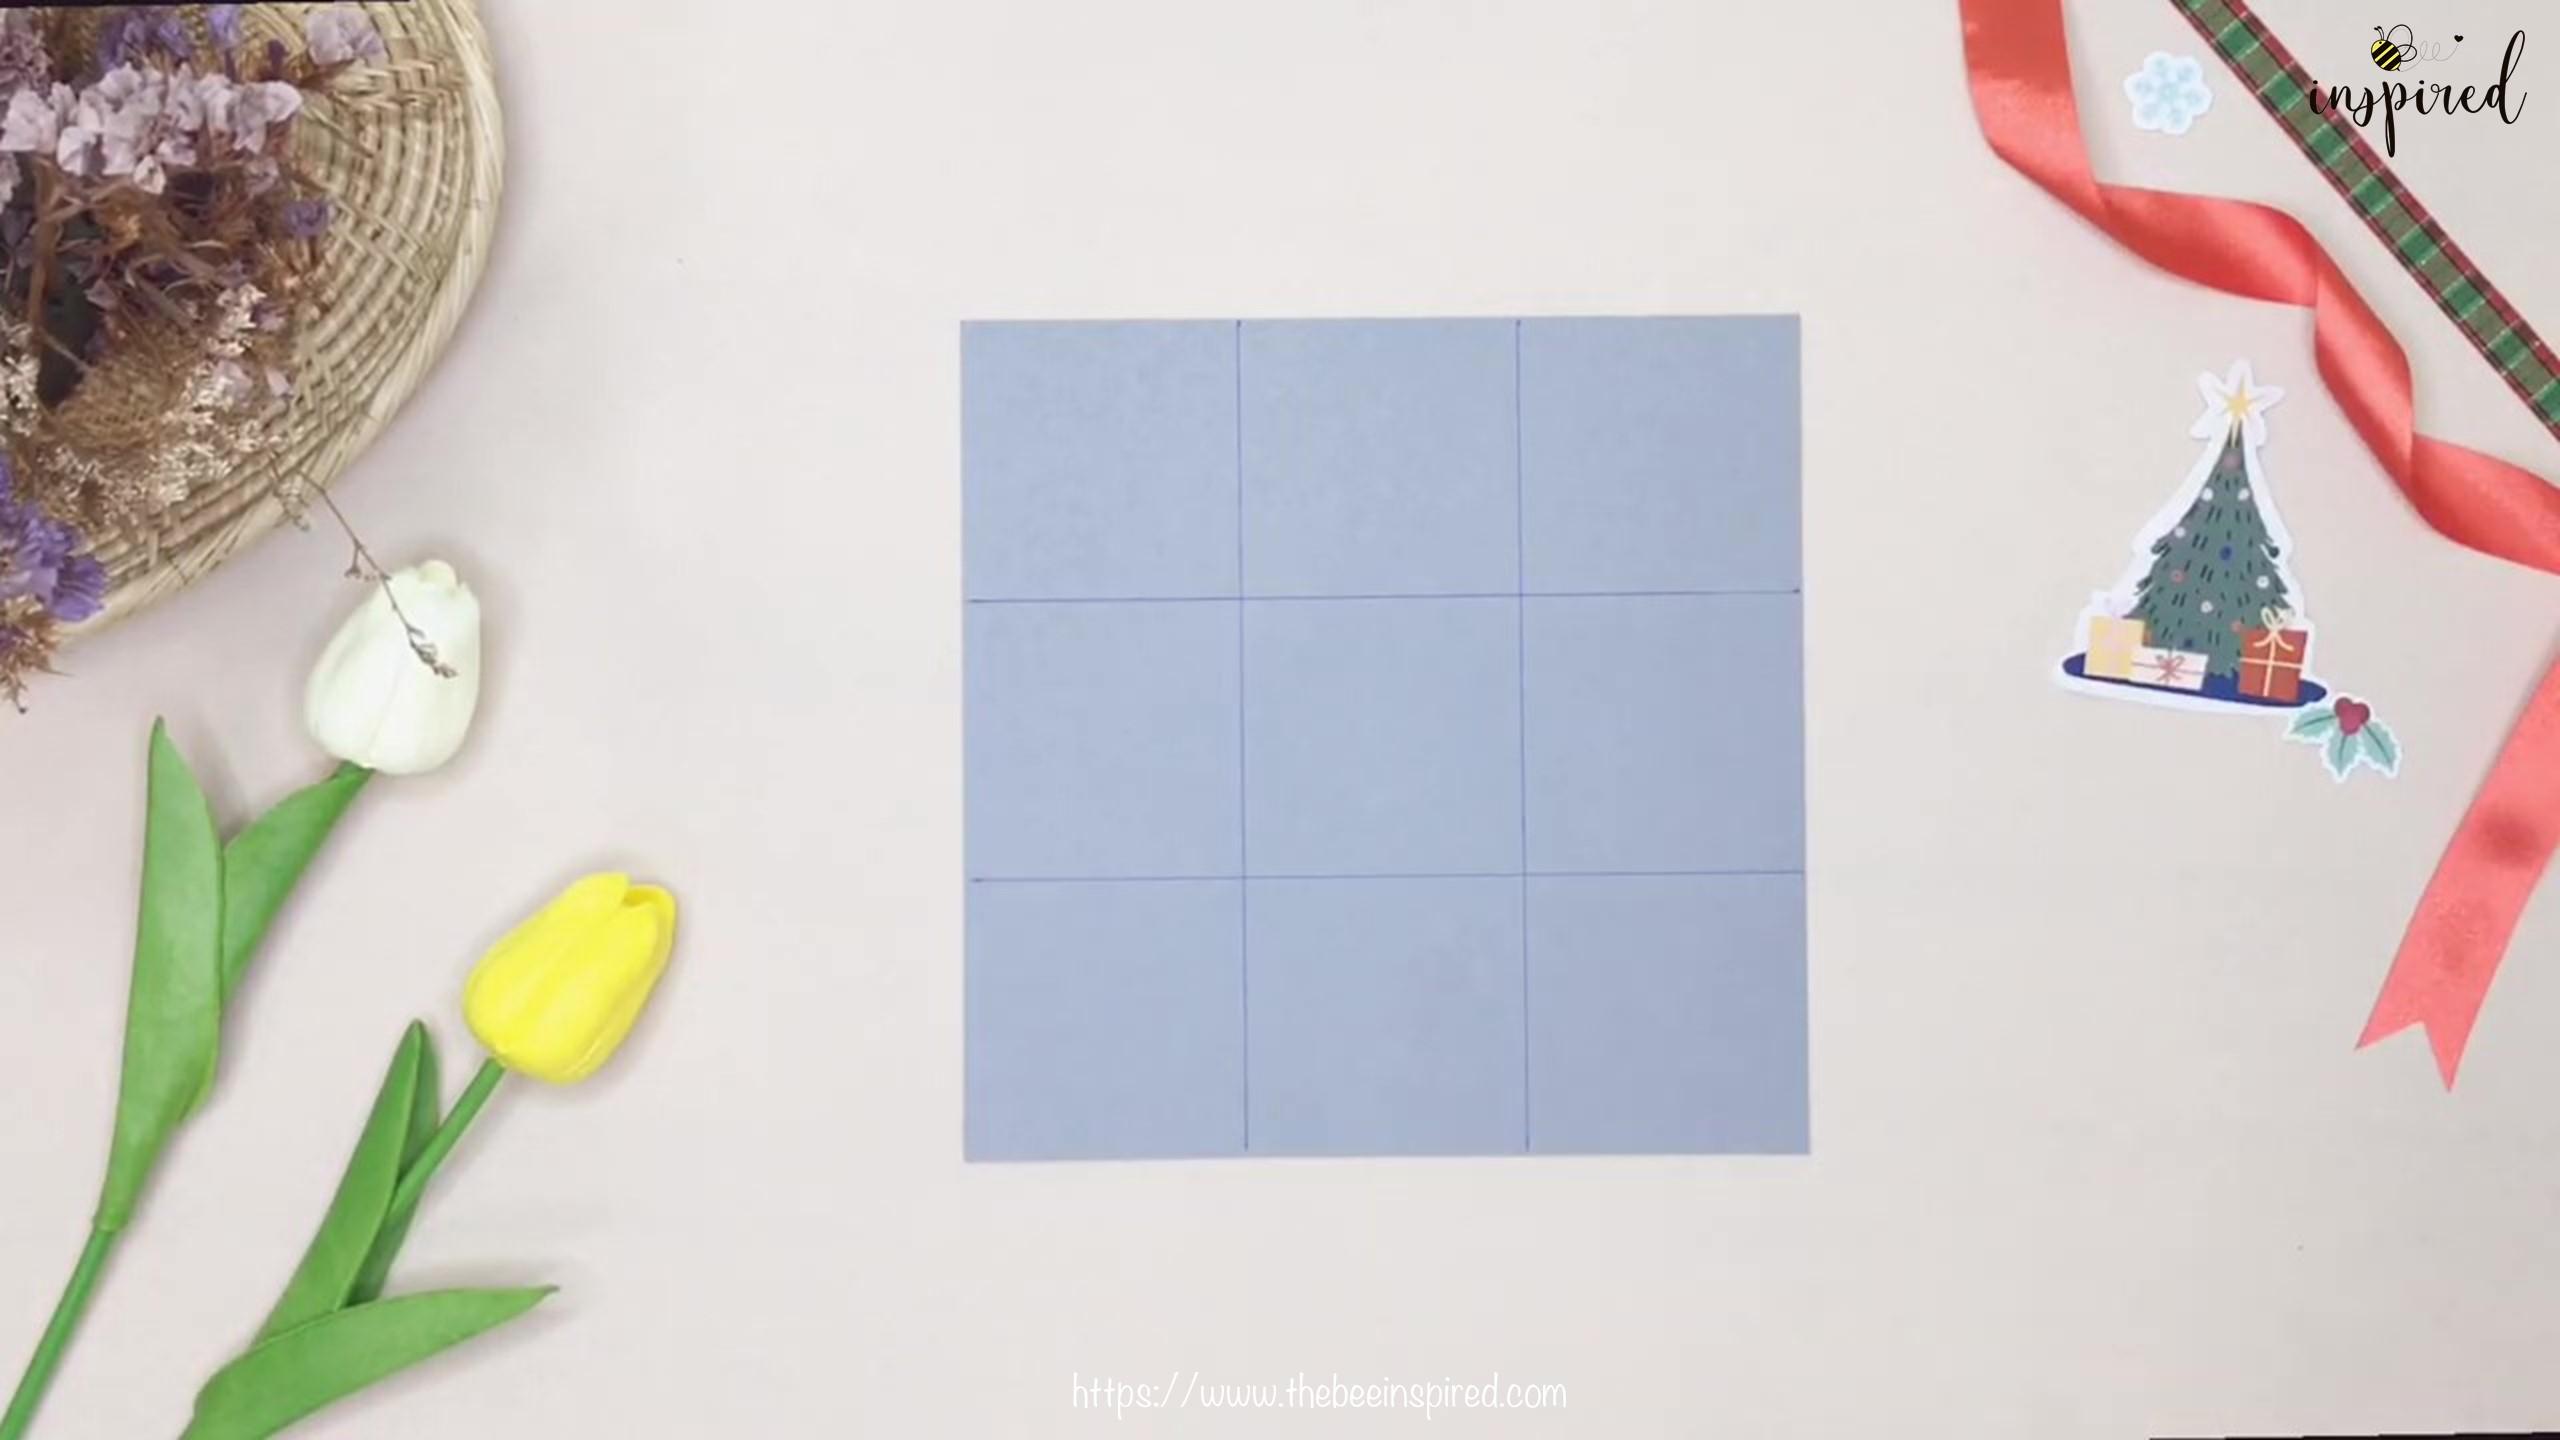 วิธีทำกล่องของขวัญวันวาเลนไทน์น่ารักๆ ทรงพีระมิดจากกระดาษแผ่นเดียว+ไม่ใช้กาว_ DIY pyramid gift box_2